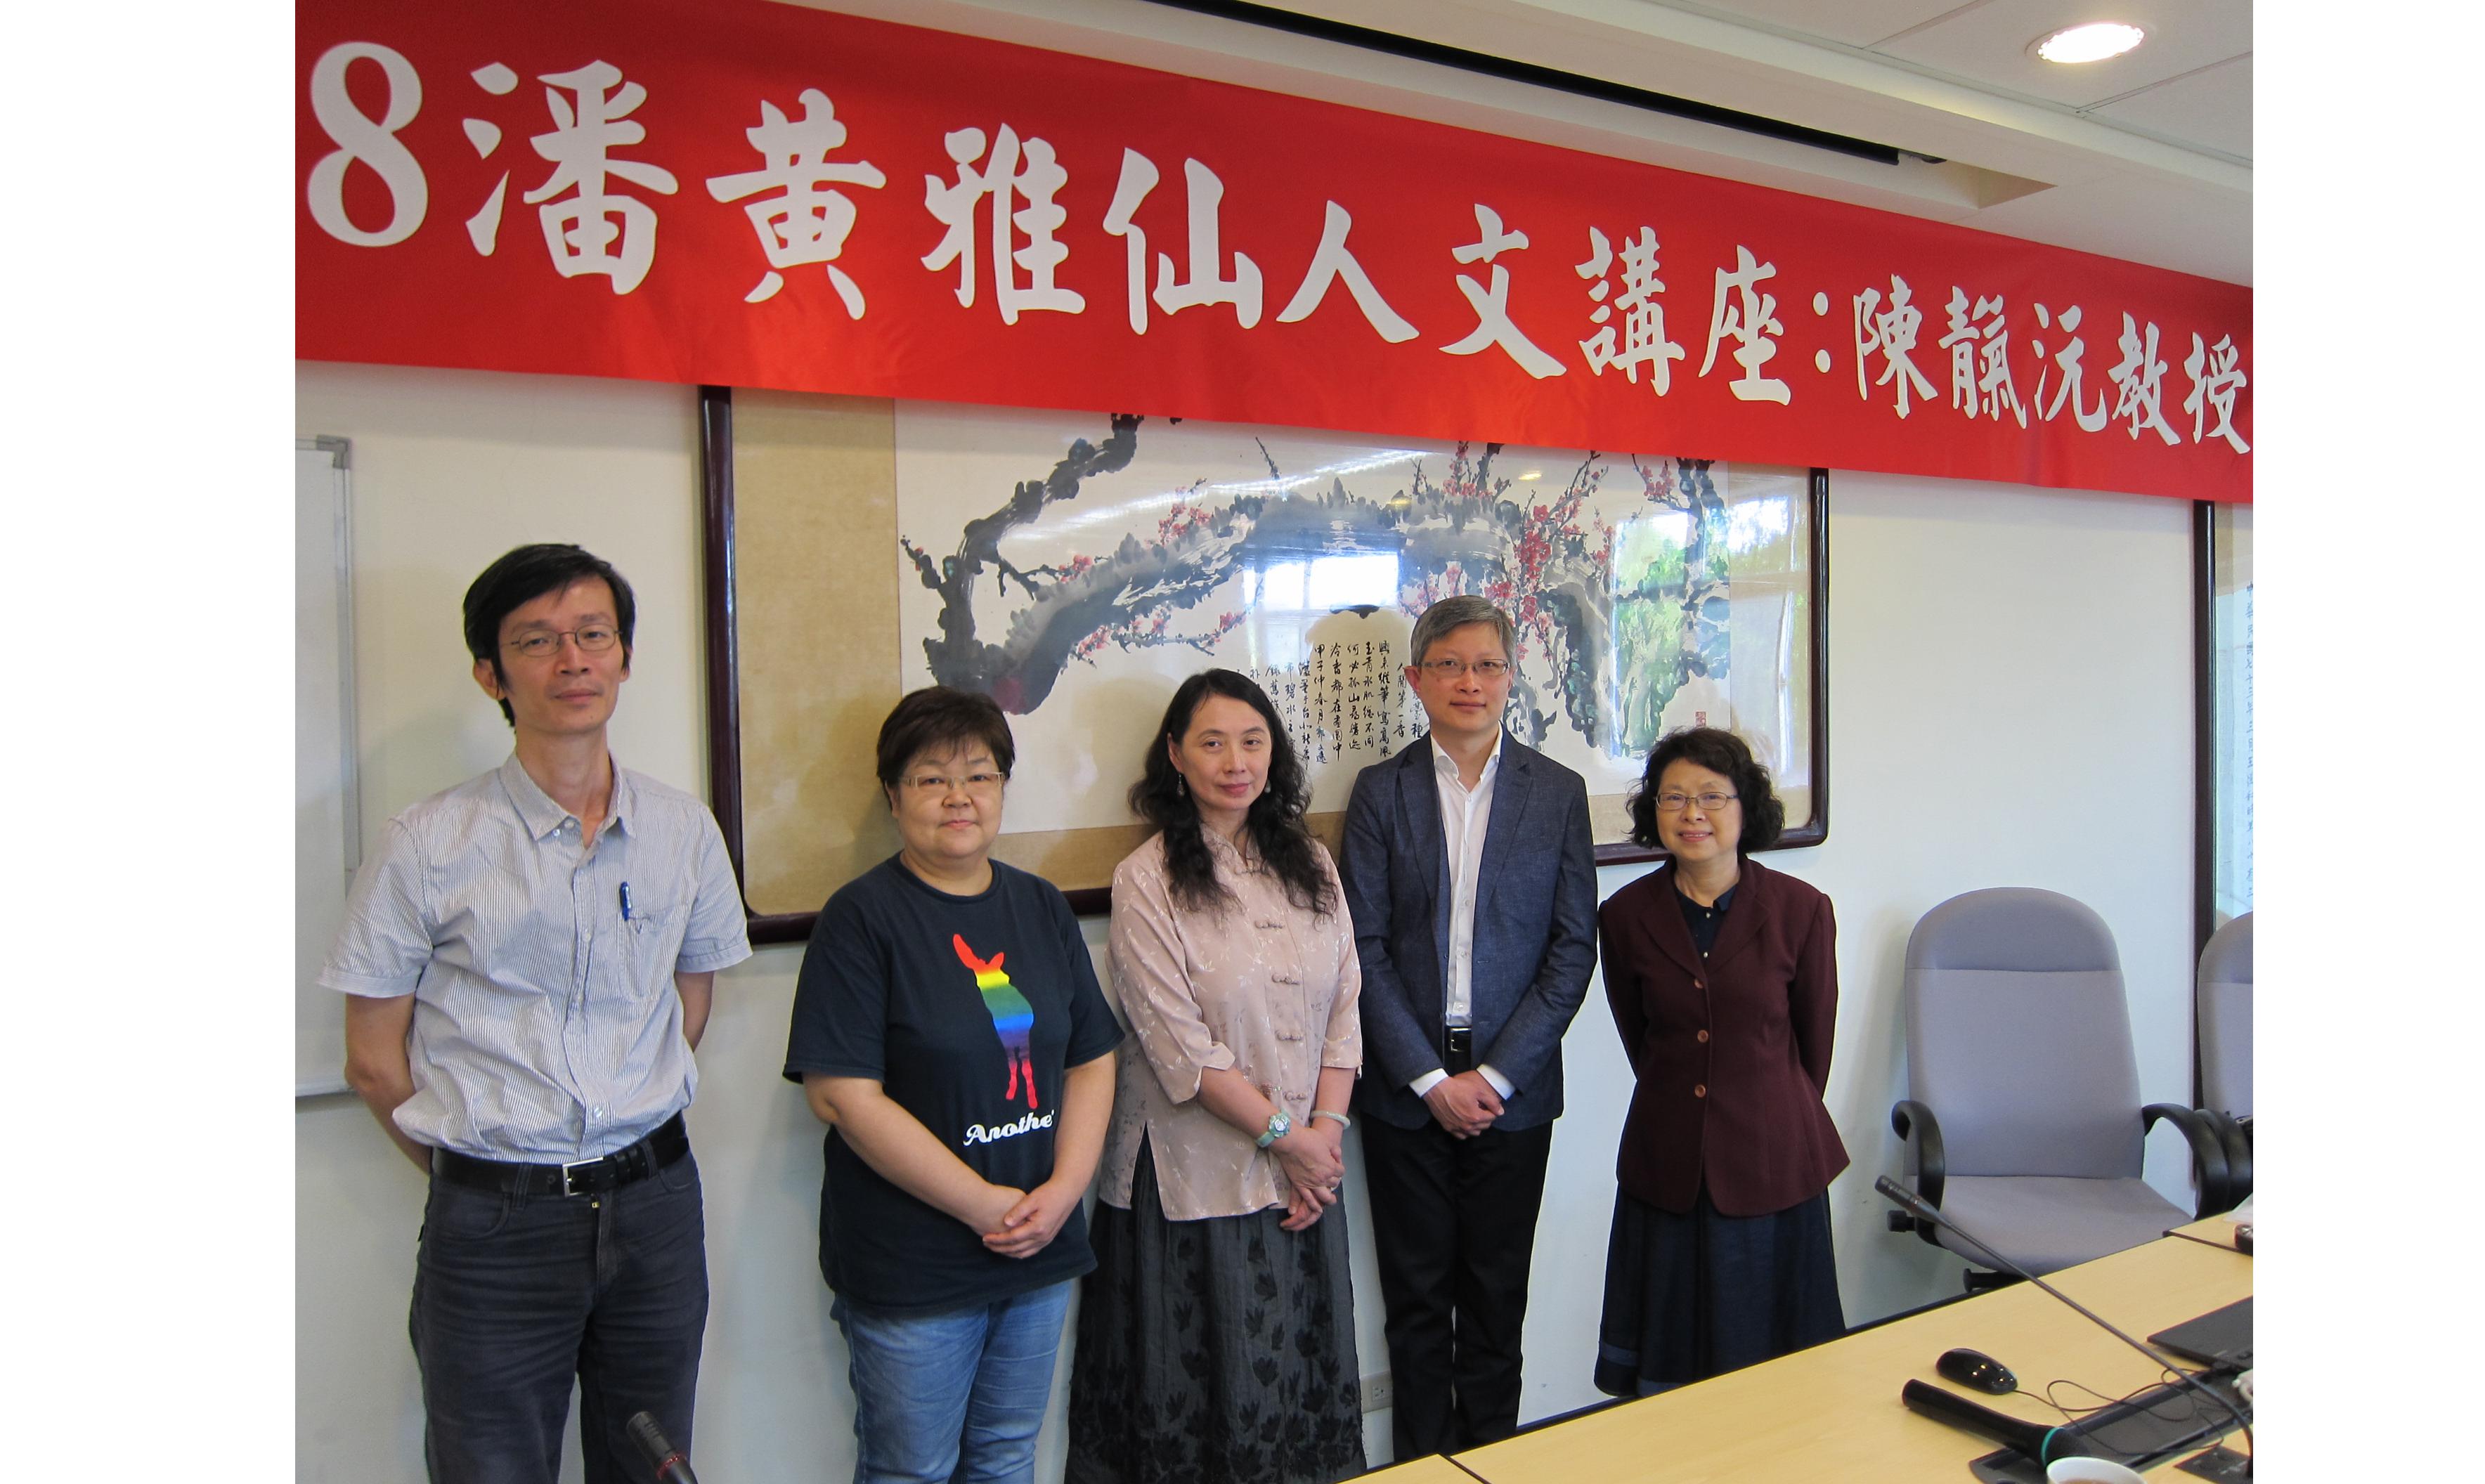 陳靝沅教授演講「宮廷之外——「地方承應戲」的文化空間與地景書寫」紀要